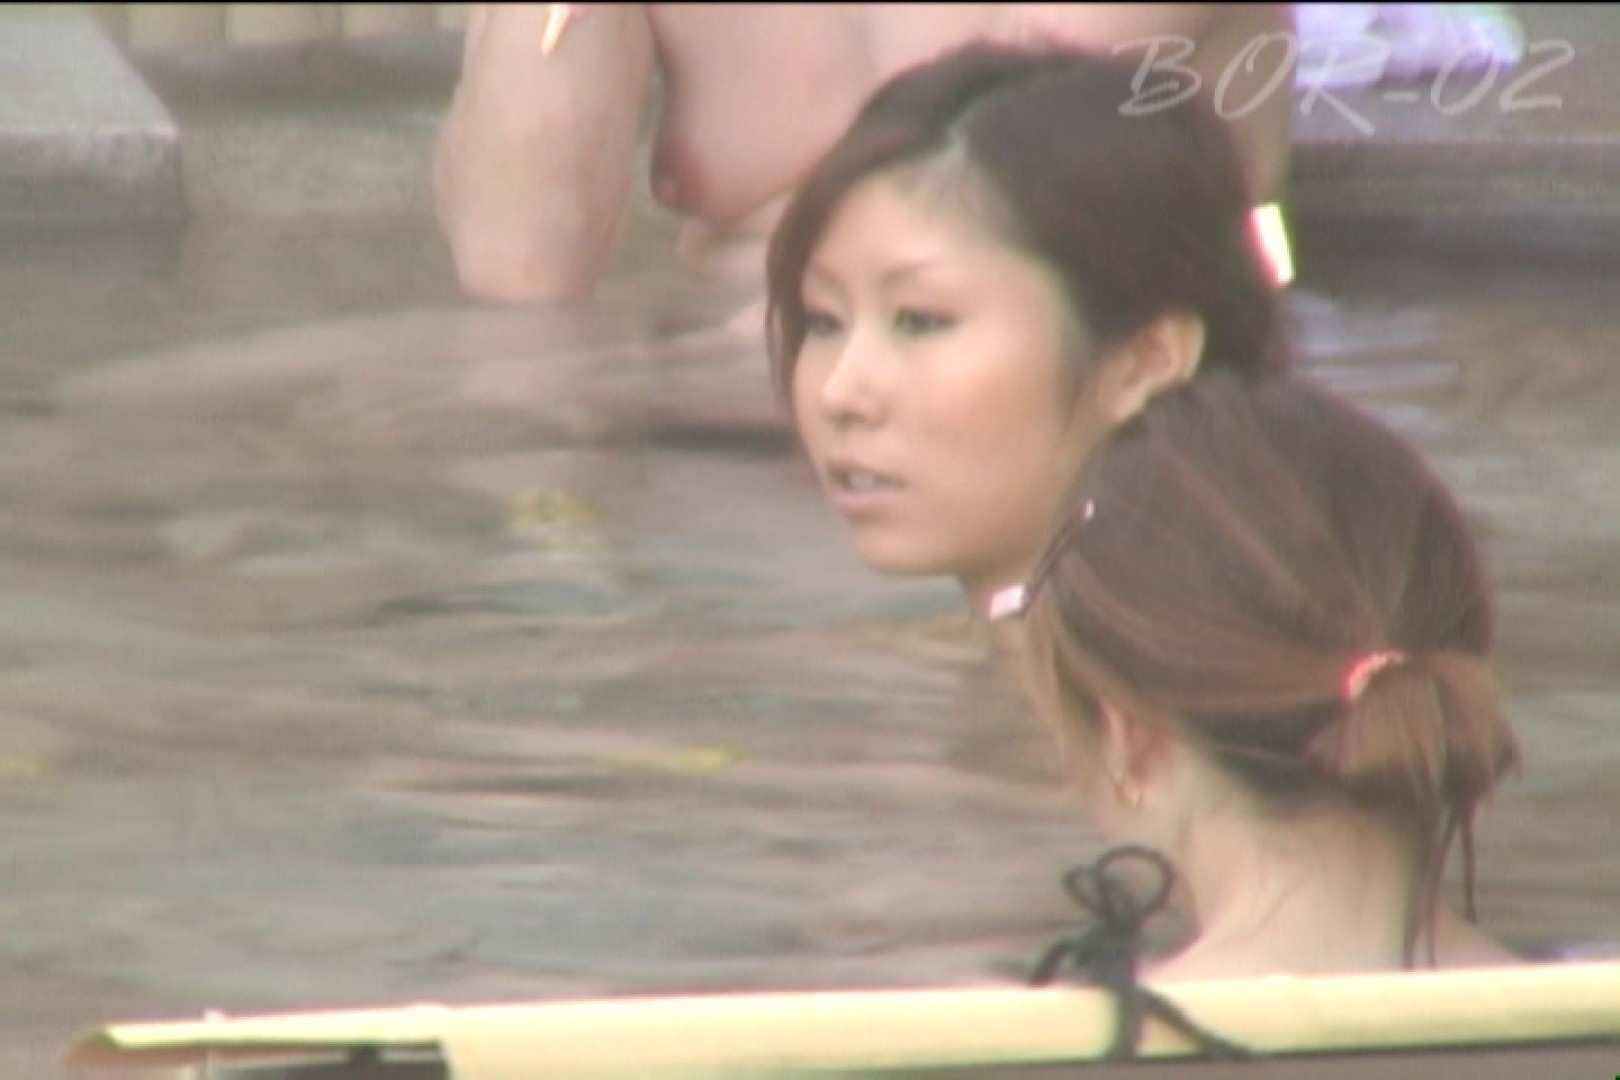 Aquaな露天風呂Vol.477 美しいOLの裸体   盗撮師作品  90pic 10